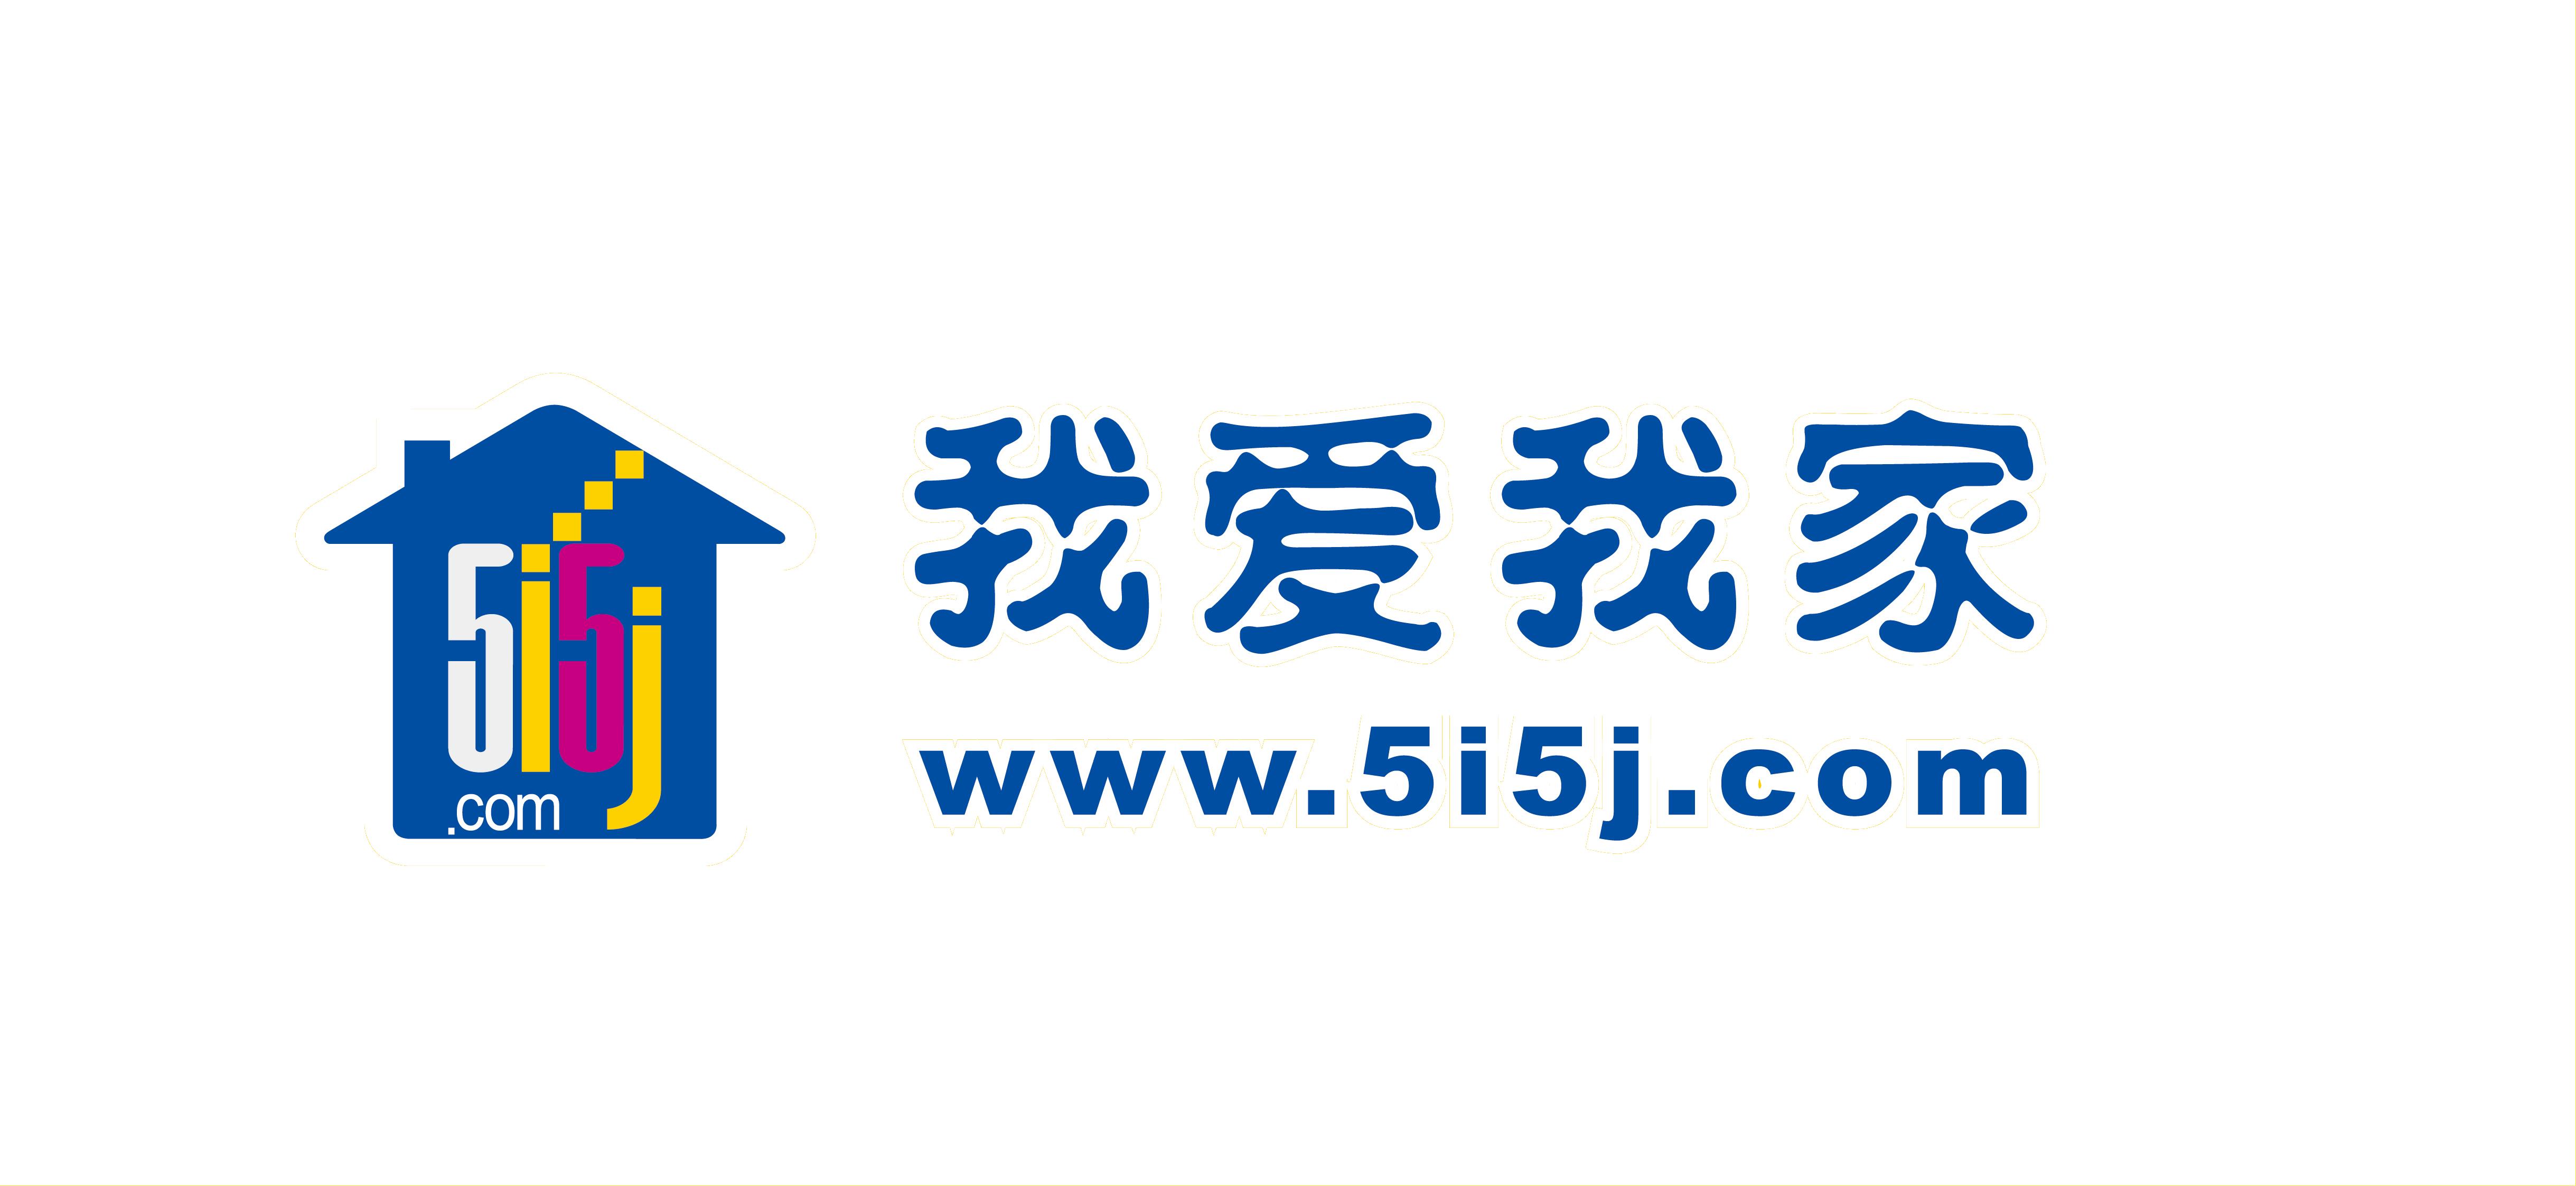 科技早闻:同程艺龙11月16日上市;《金庸全集》断货